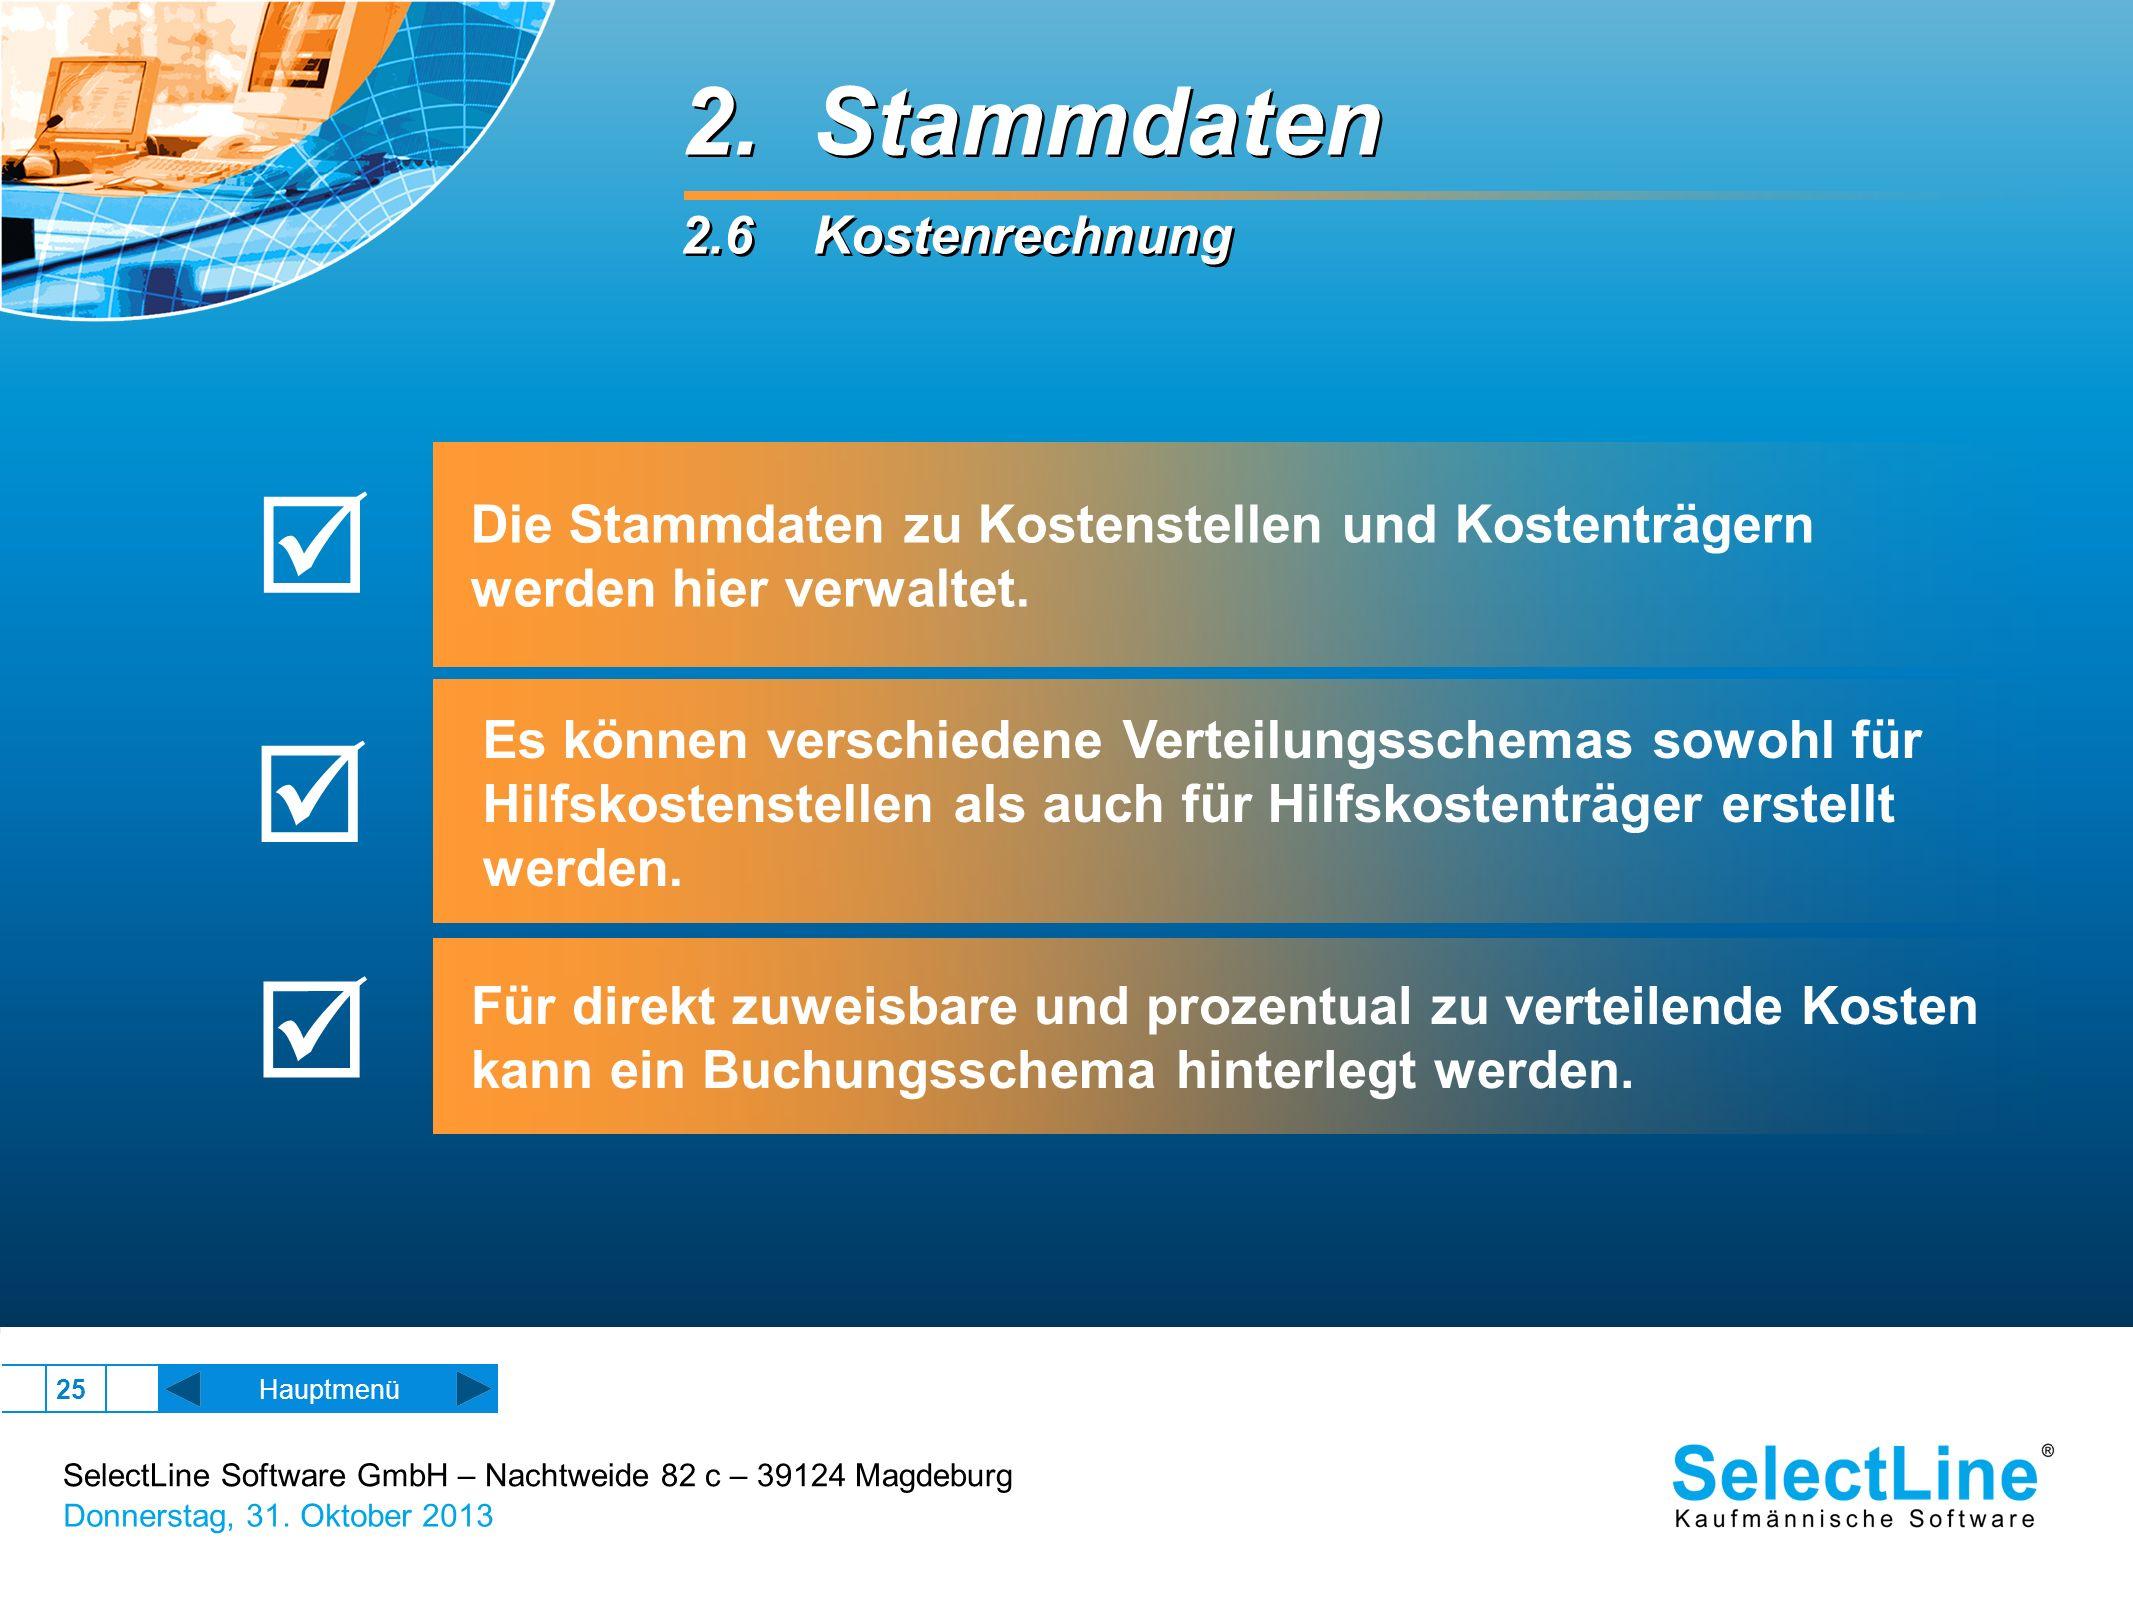 SelectLine Software GmbH – Nachtweide 82 c – 39124 Magdeburg Donnerstag, 31. Oktober 2013 25 2. Stammdaten 2.6 Kostenrechnung 2. Stammdaten 2.6 Kosten